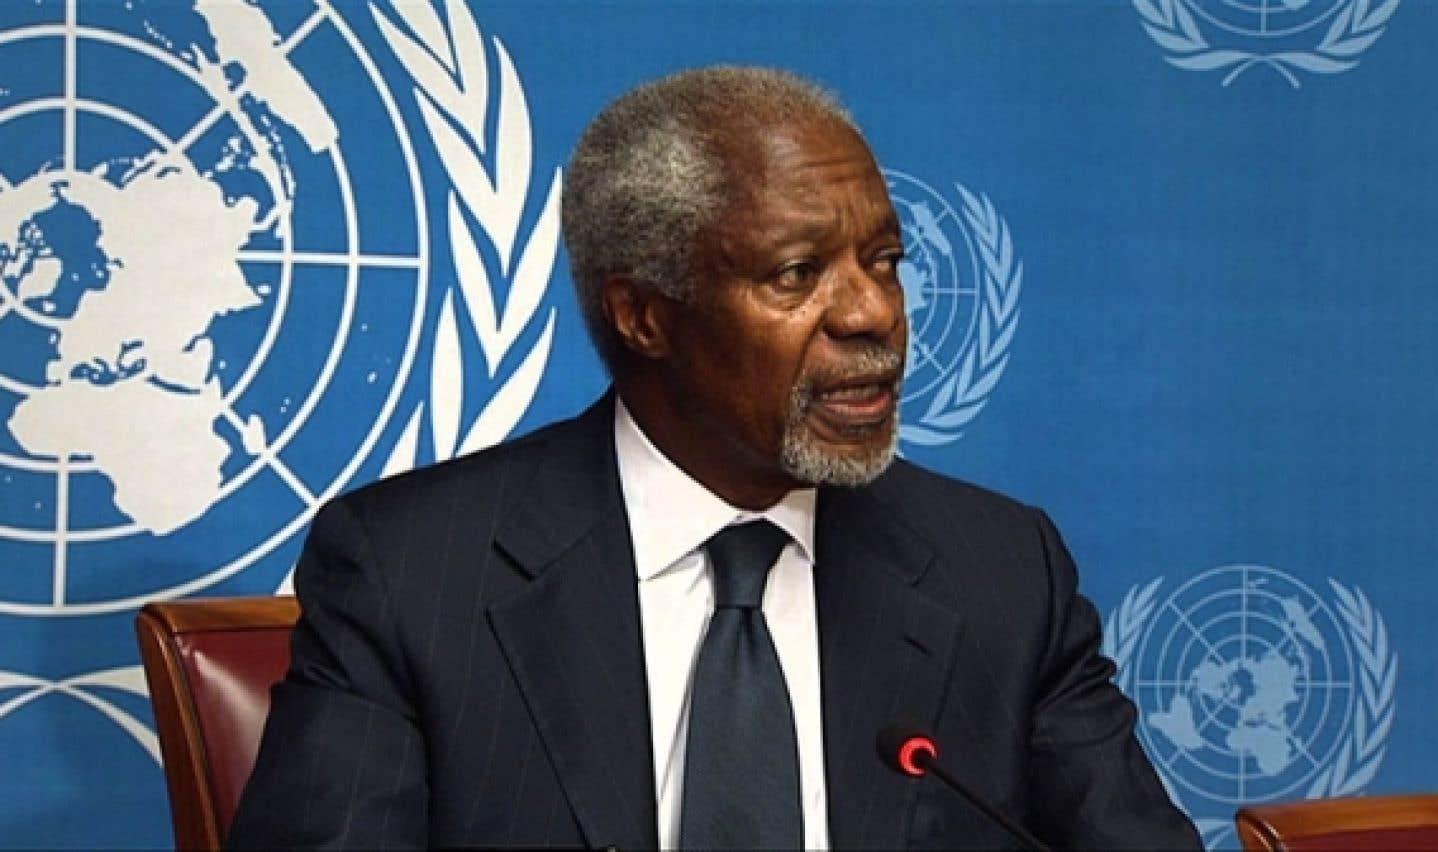 Syrie - Kofi Annan renonce à sa mission